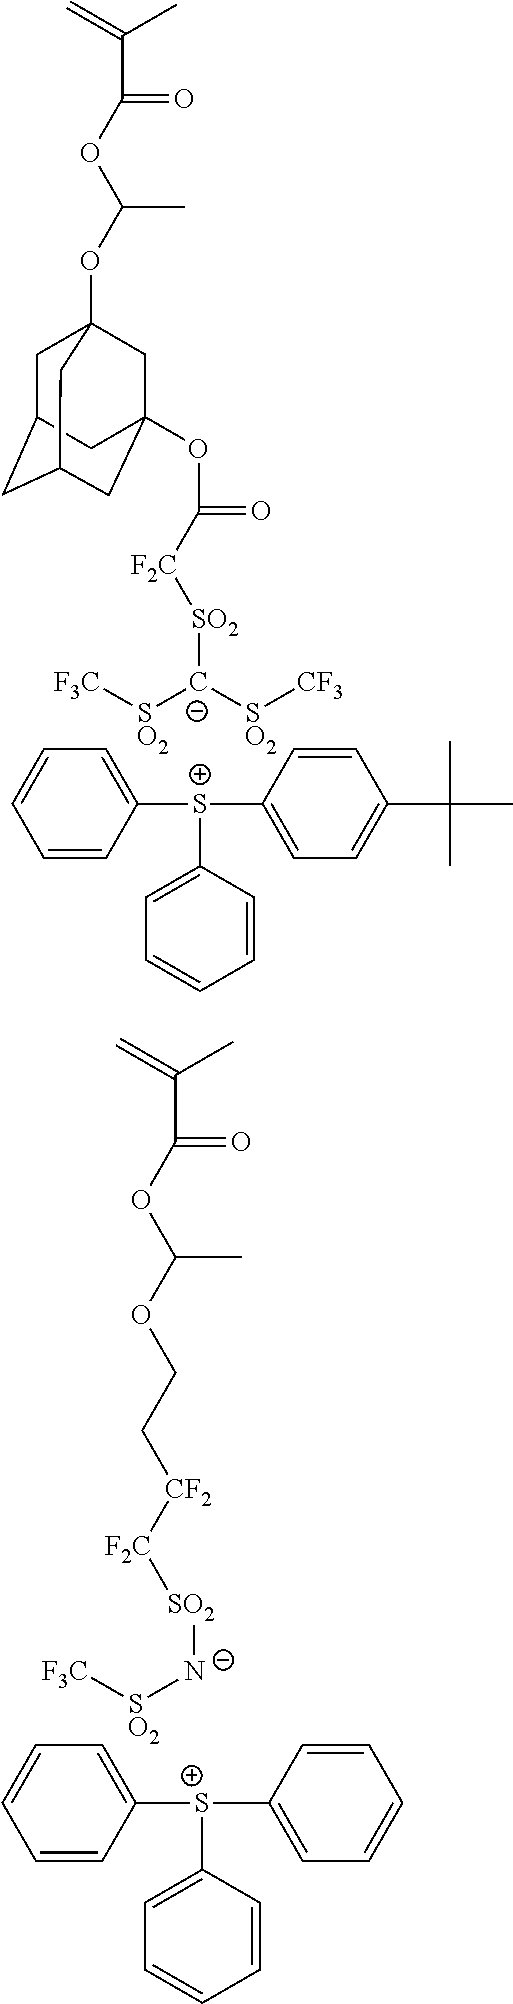 Figure US20110269074A1-20111103-C00012